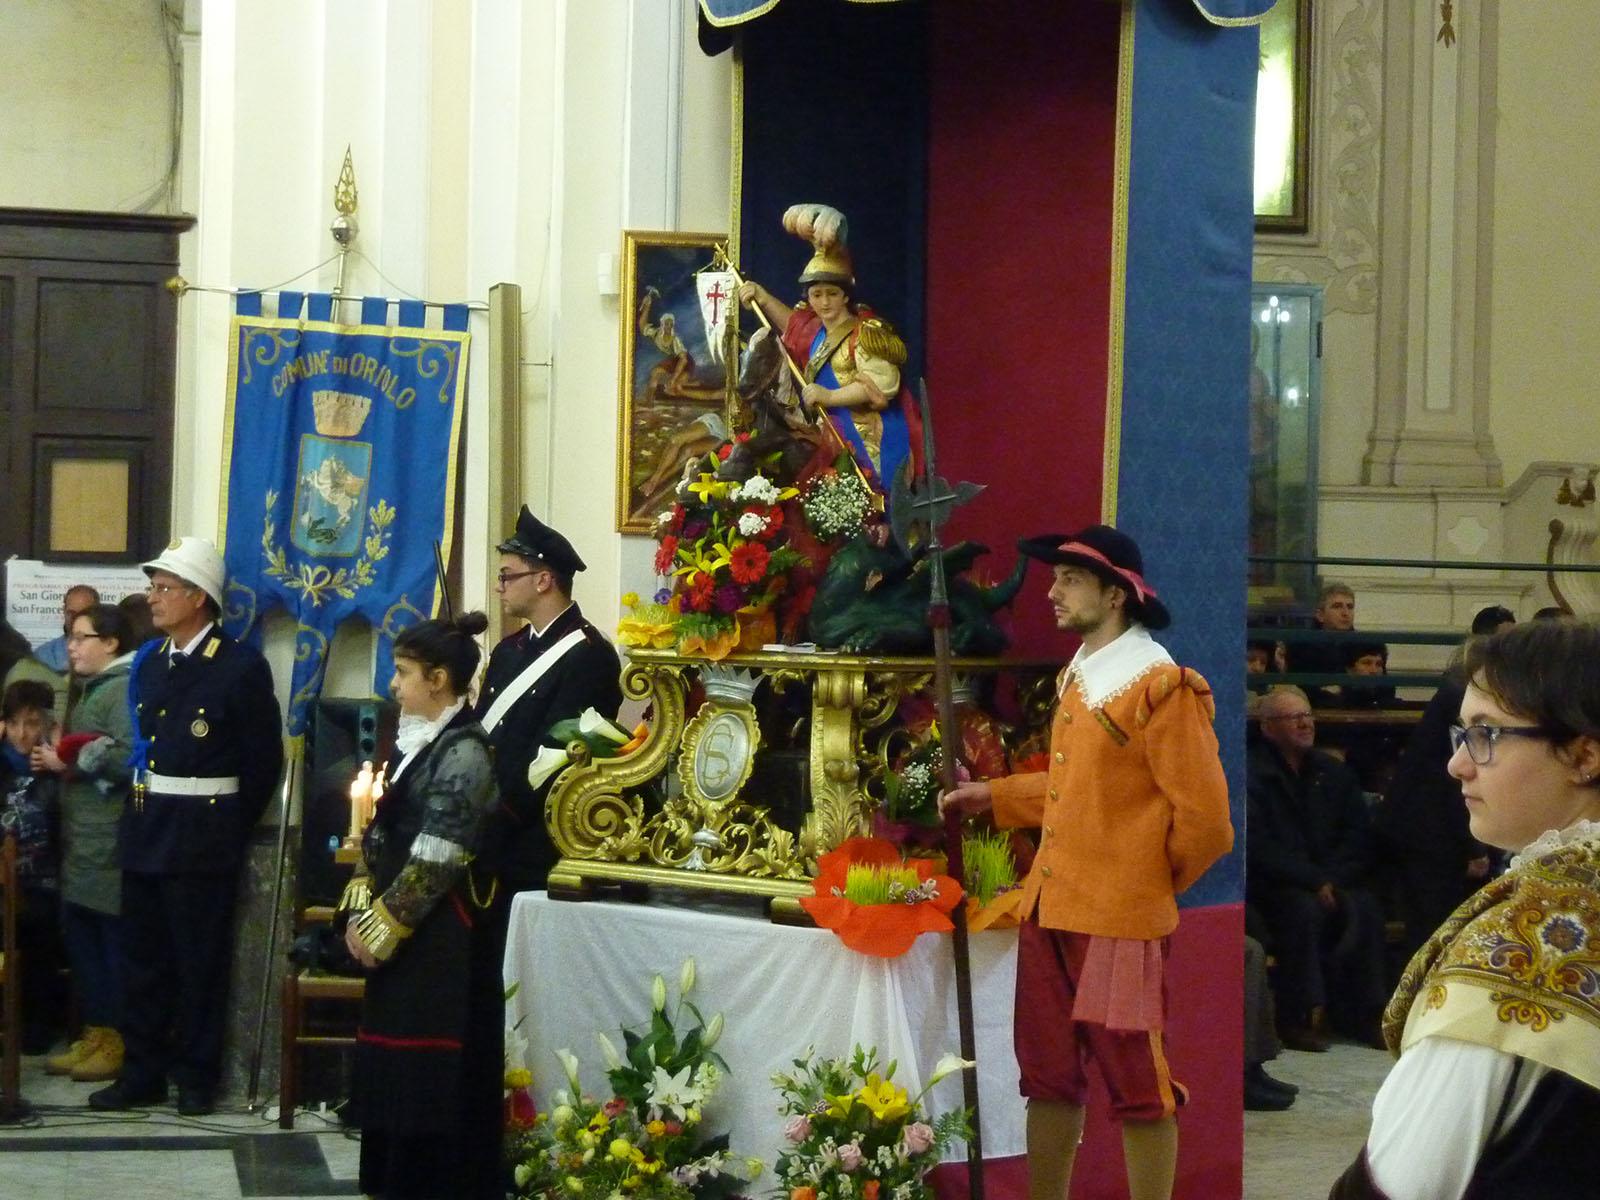 Cammino Basiliano: Costume di San Giorgio